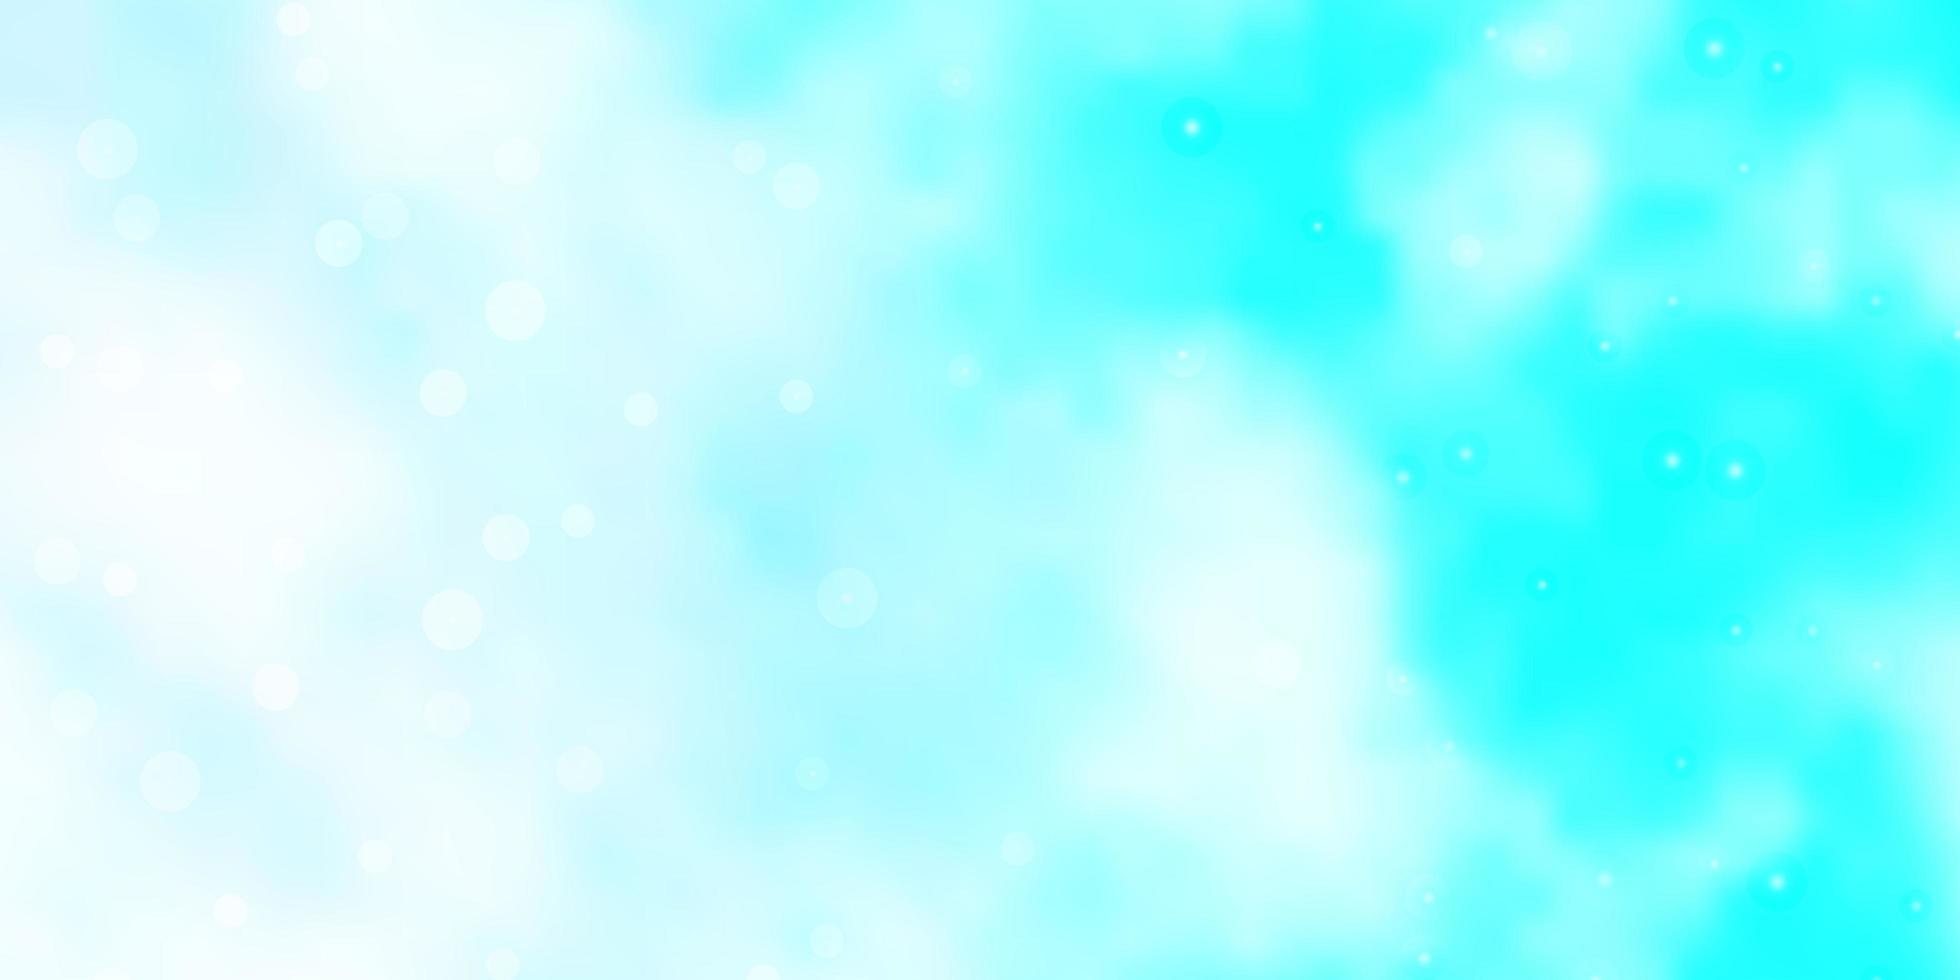 ljusblå vektorbakgrund med små och stora stjärnor. vektor